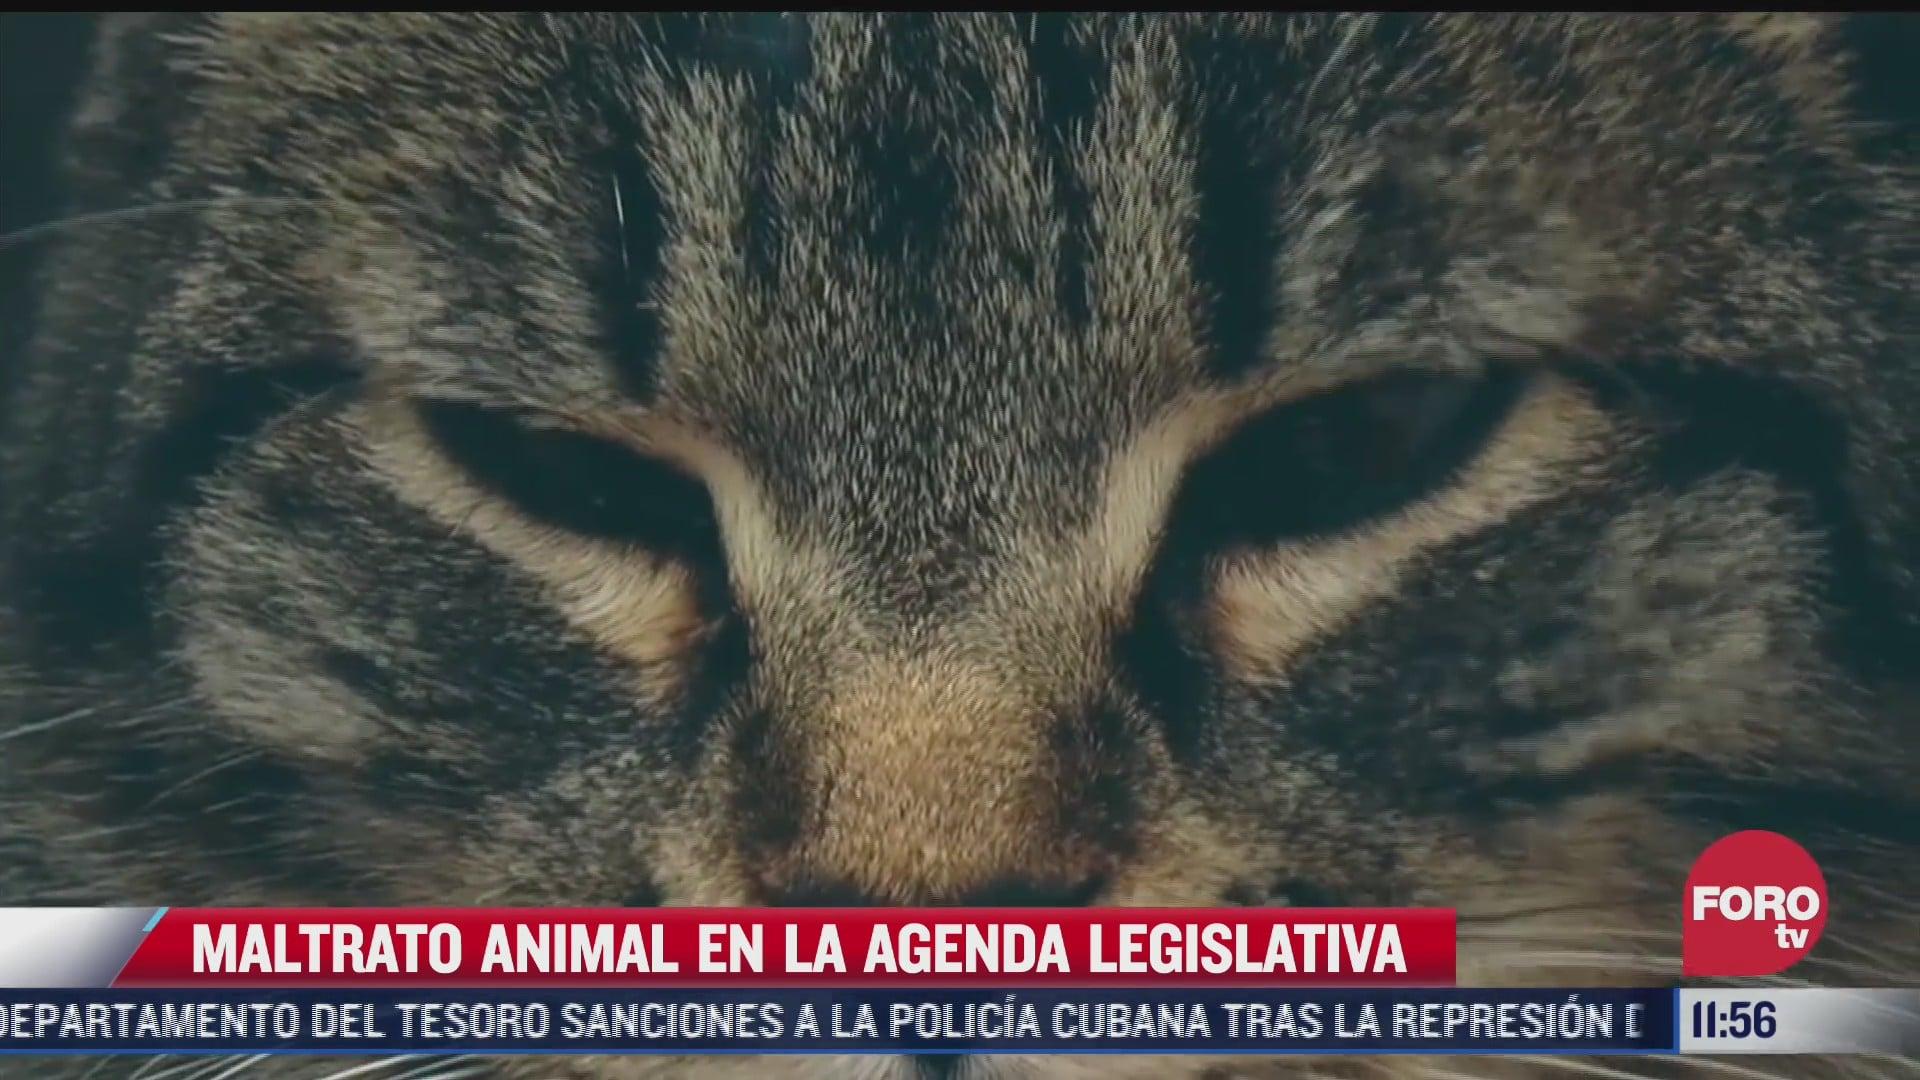 el maltrato animal en la agenda legislativa